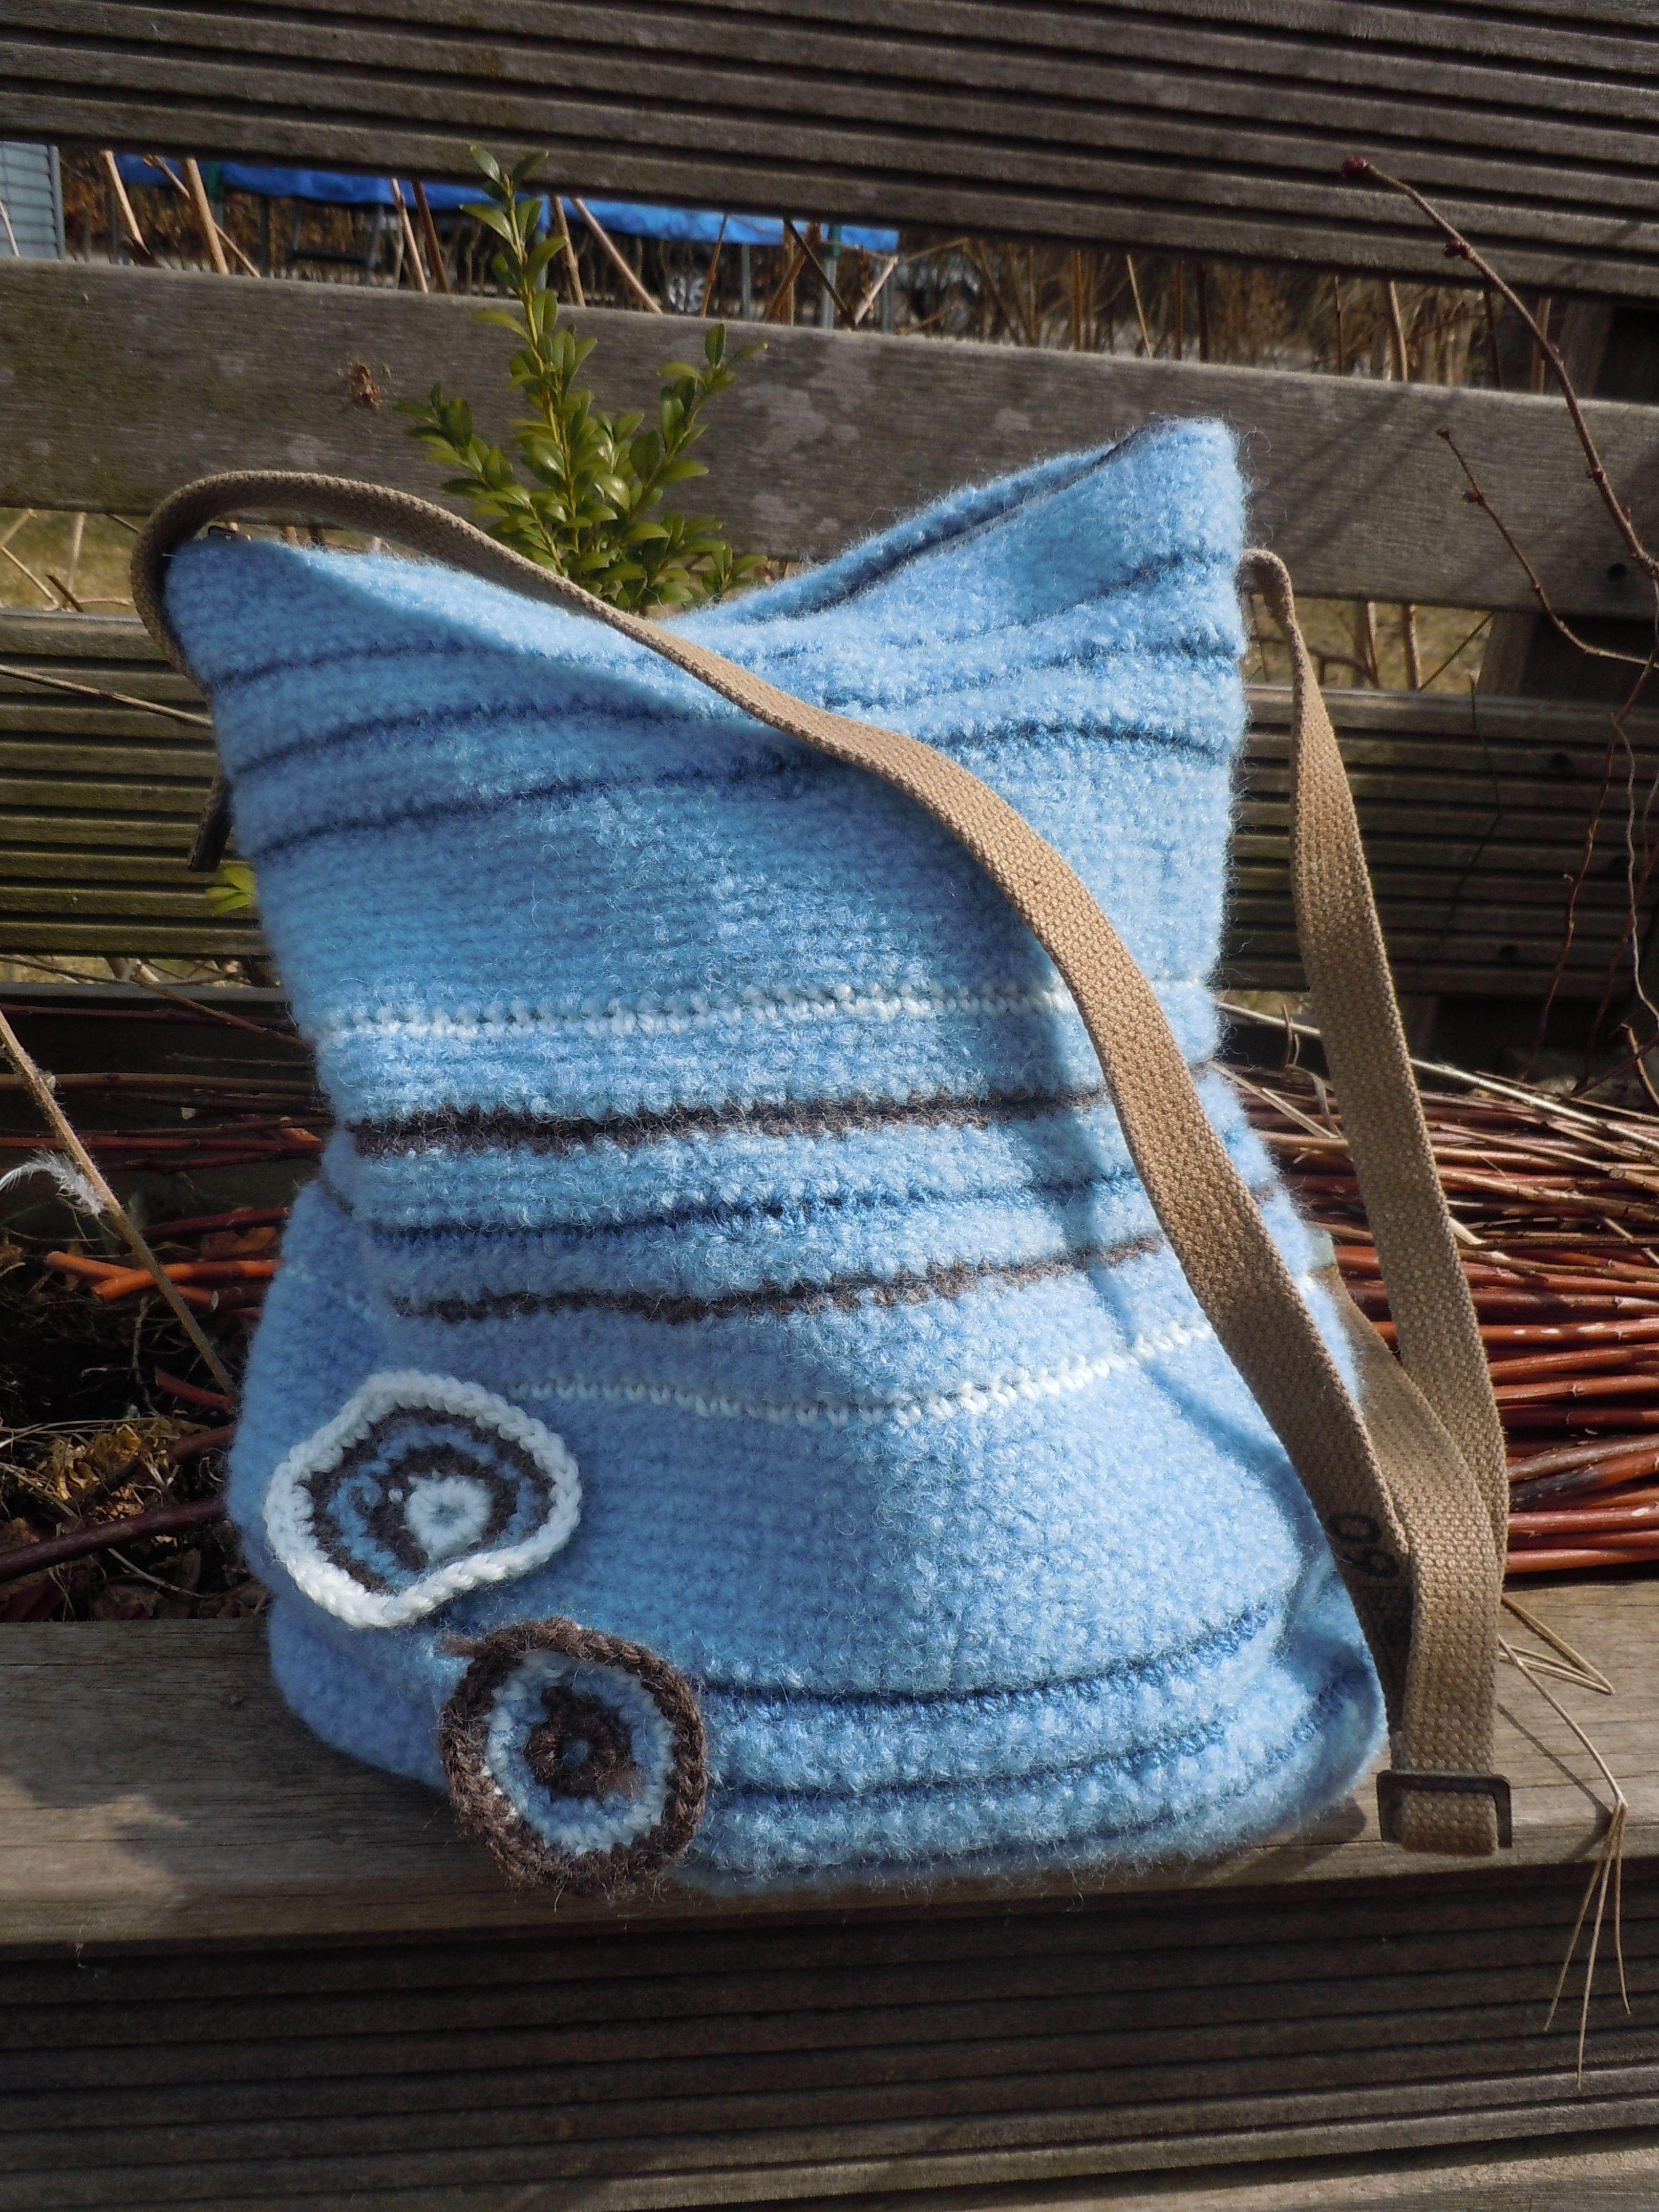 Hæklet og filtet taske med foer. 26 cm bred for oven, 31 cm bred for neden. 37 cm høj. Lukkes med lynlås. Regulerbar strop af gammel militærstrop. Strikket af garnet fra et par ærmer på en genbrugt sweater. Kr 200